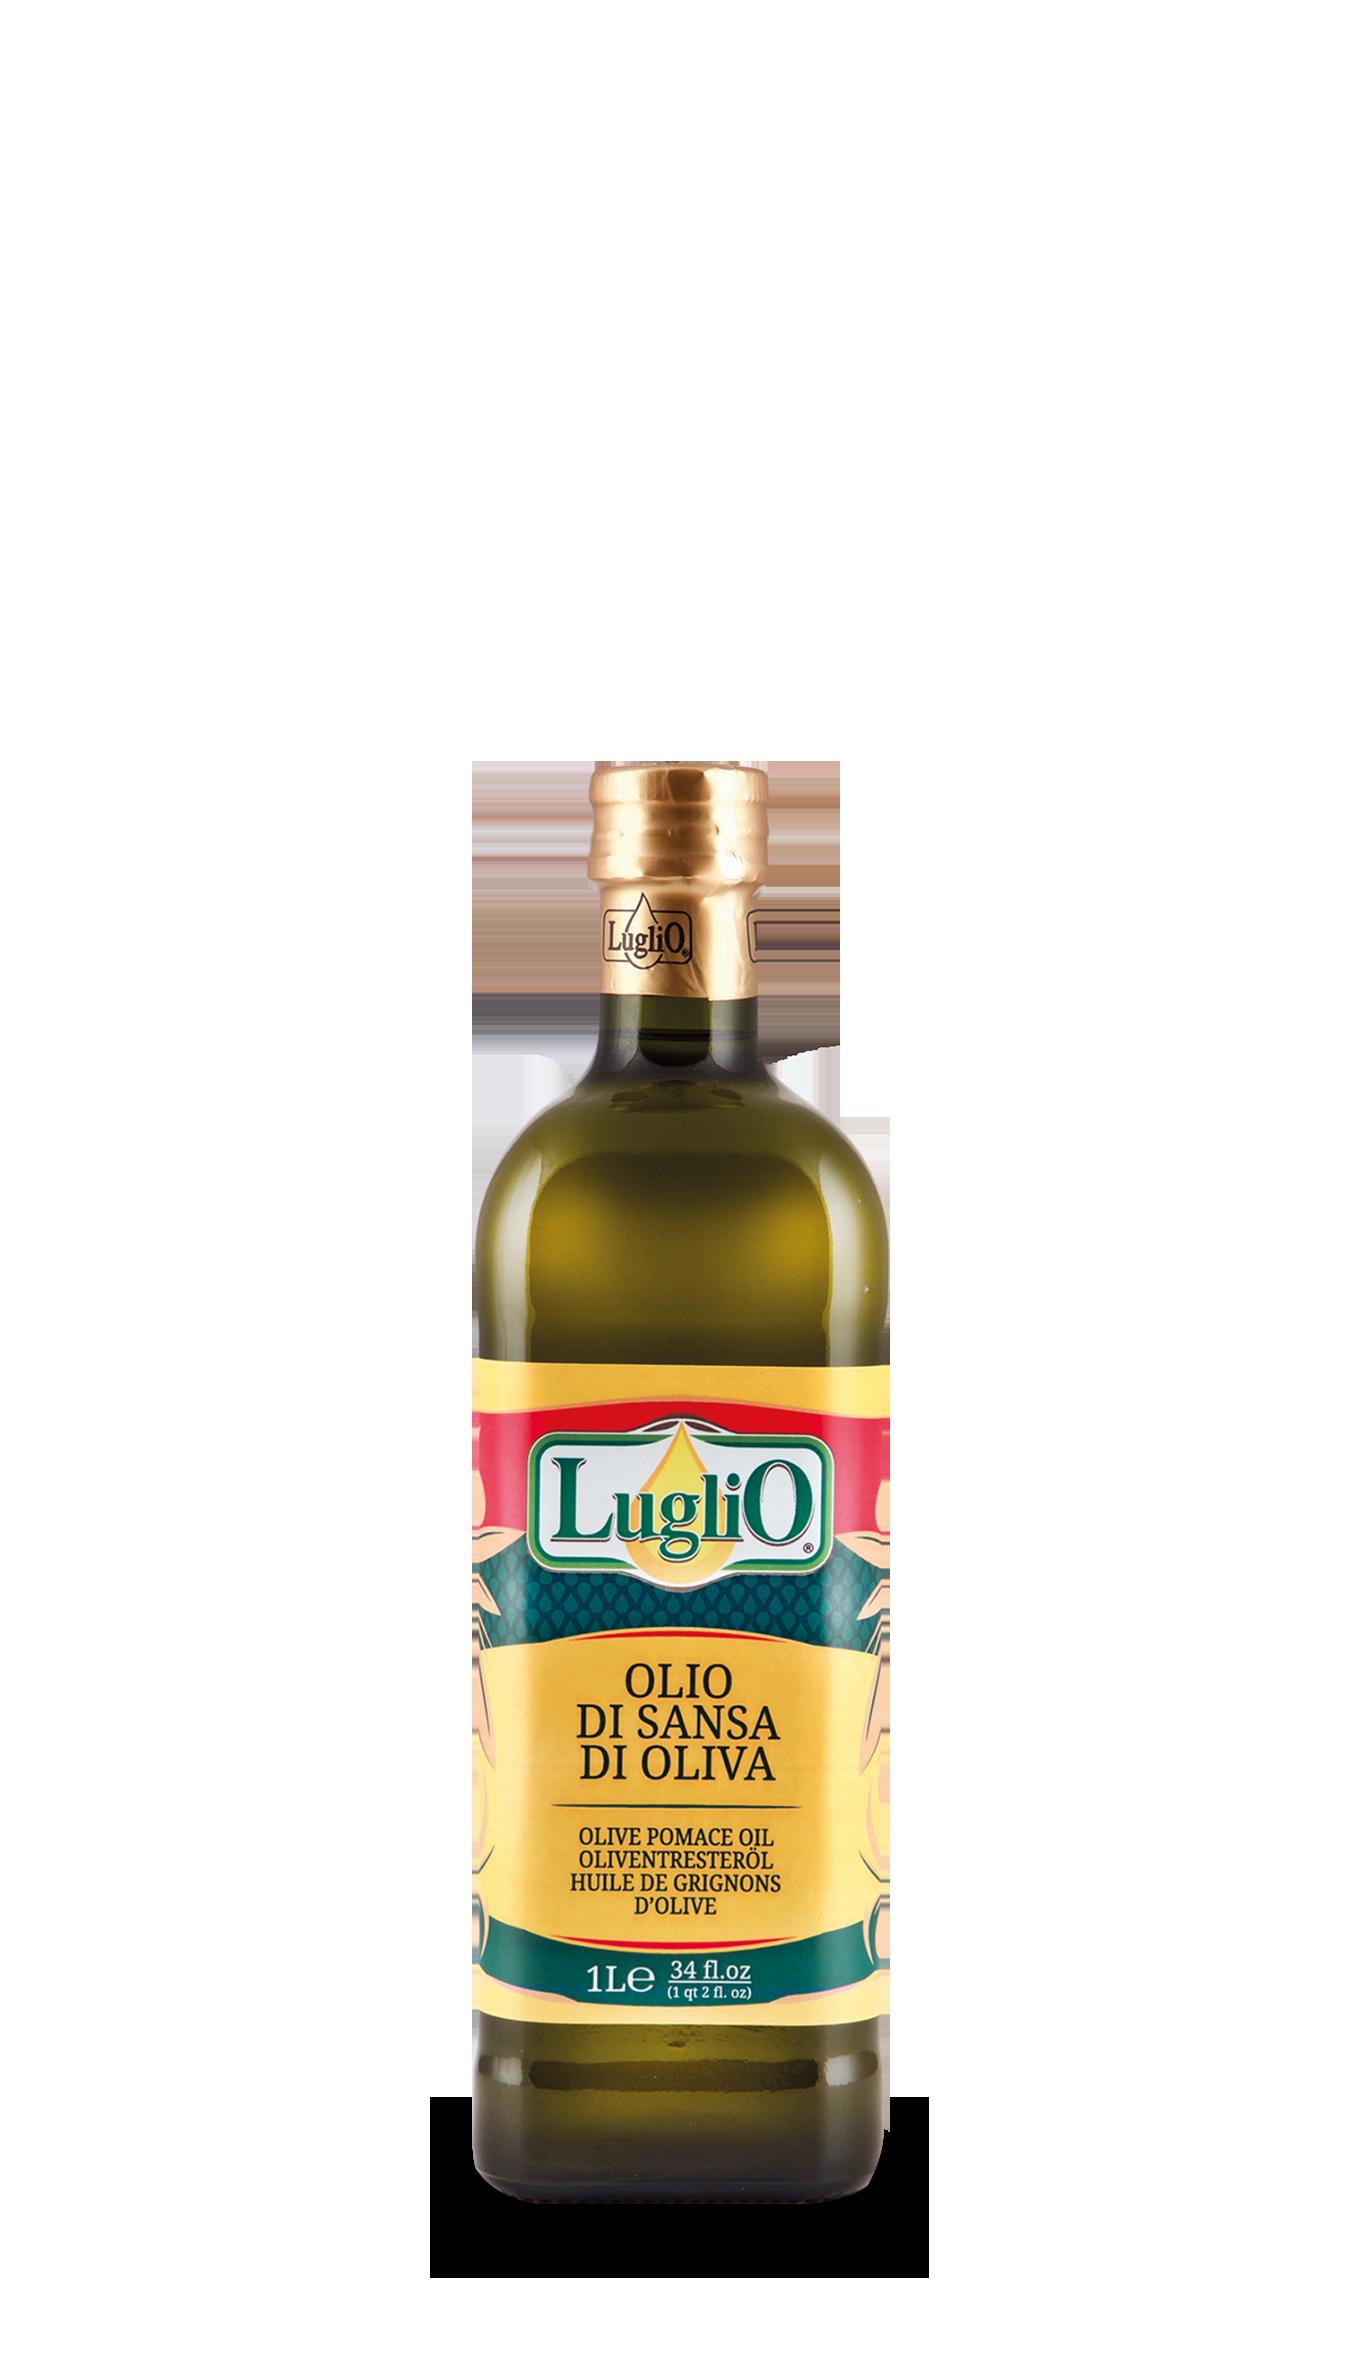 Olio Luglio olio di sansa 1L in bottiglia di vetro